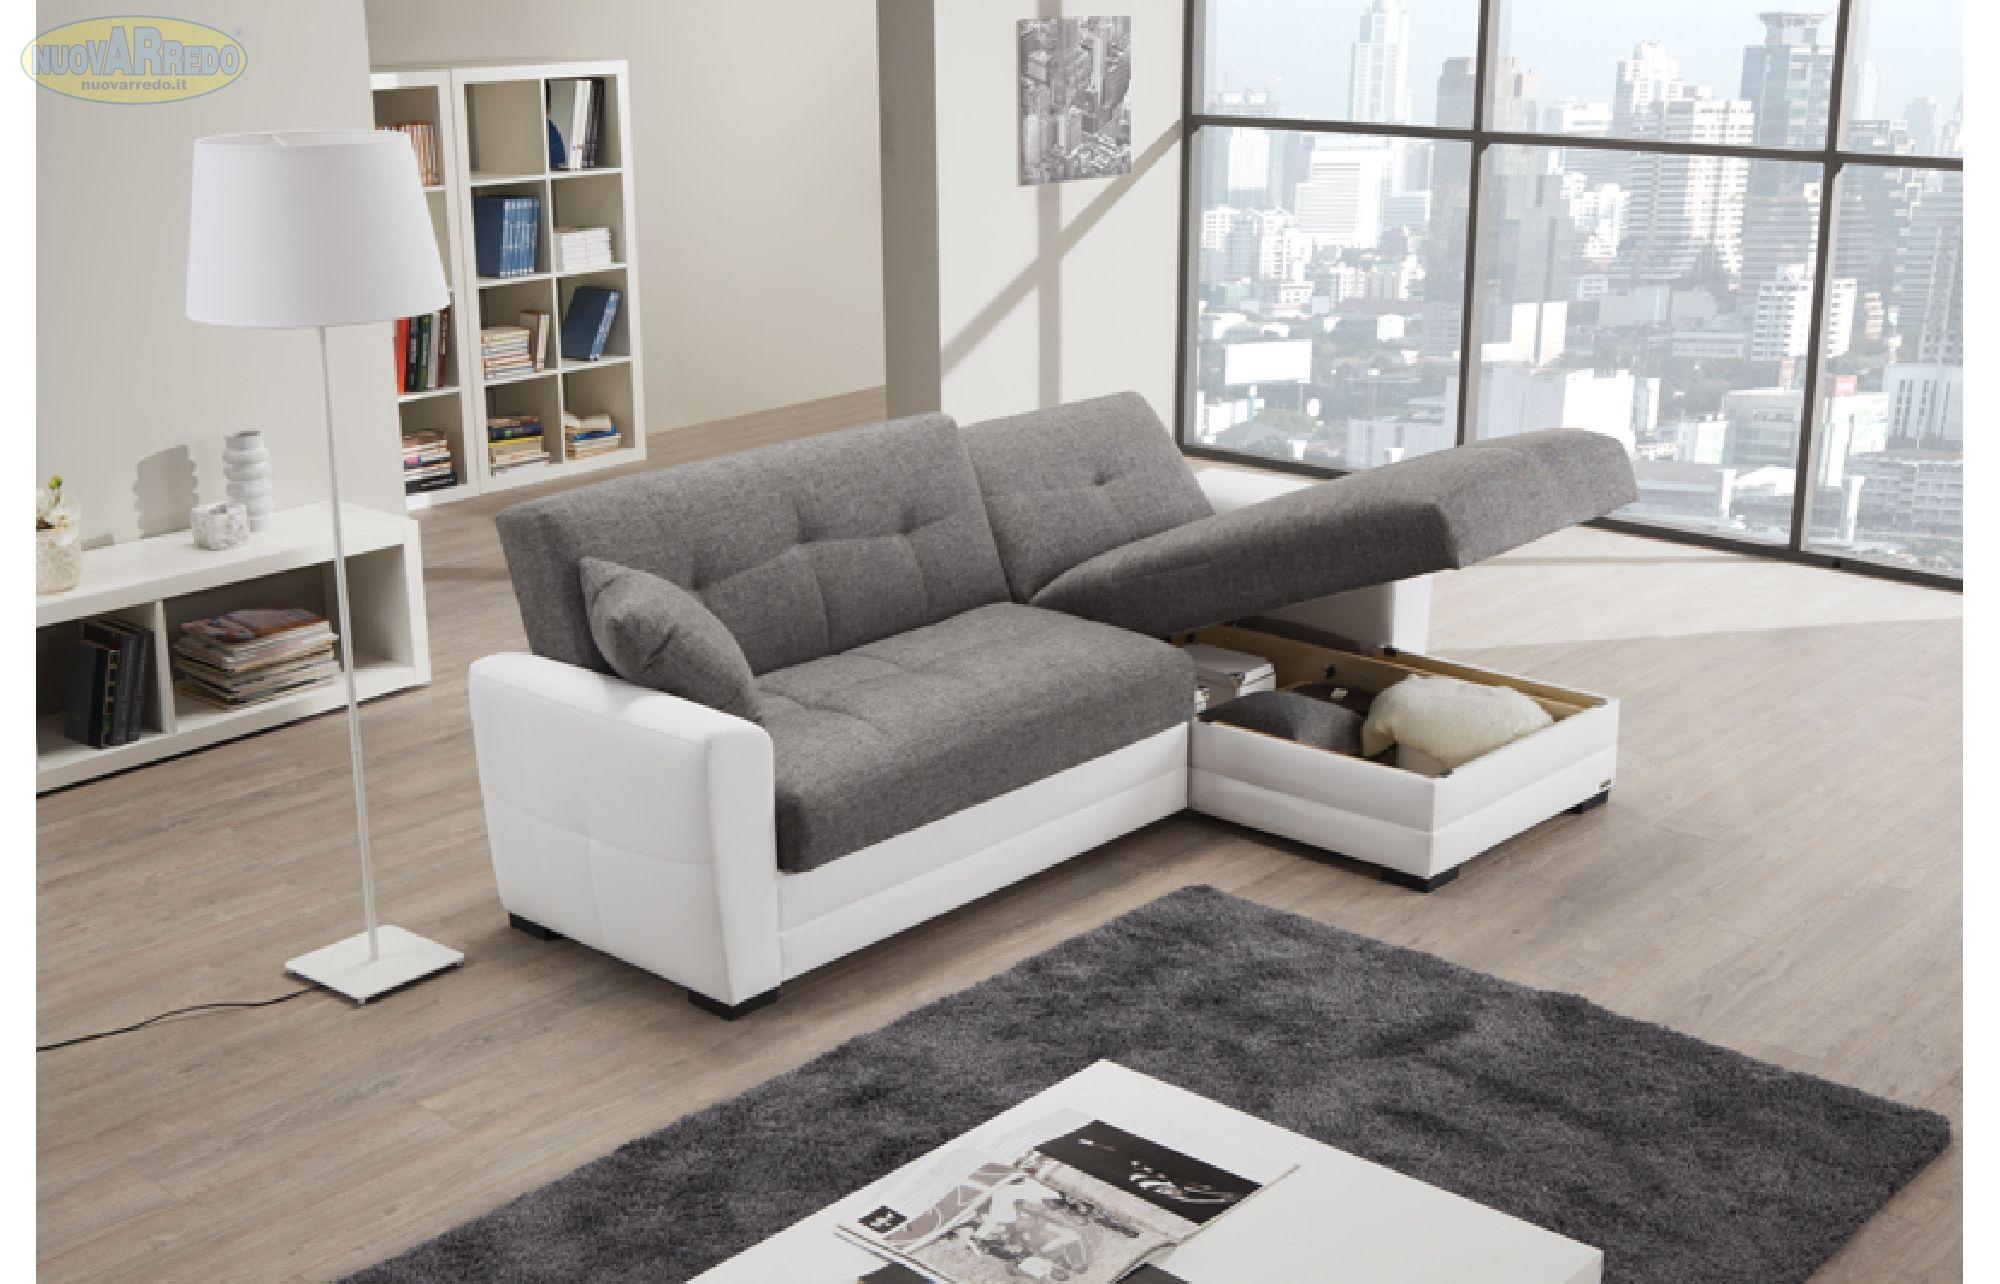 Foderare Divano ~ Prezzo u ac divano angolare con penisola contenitore sinistra o